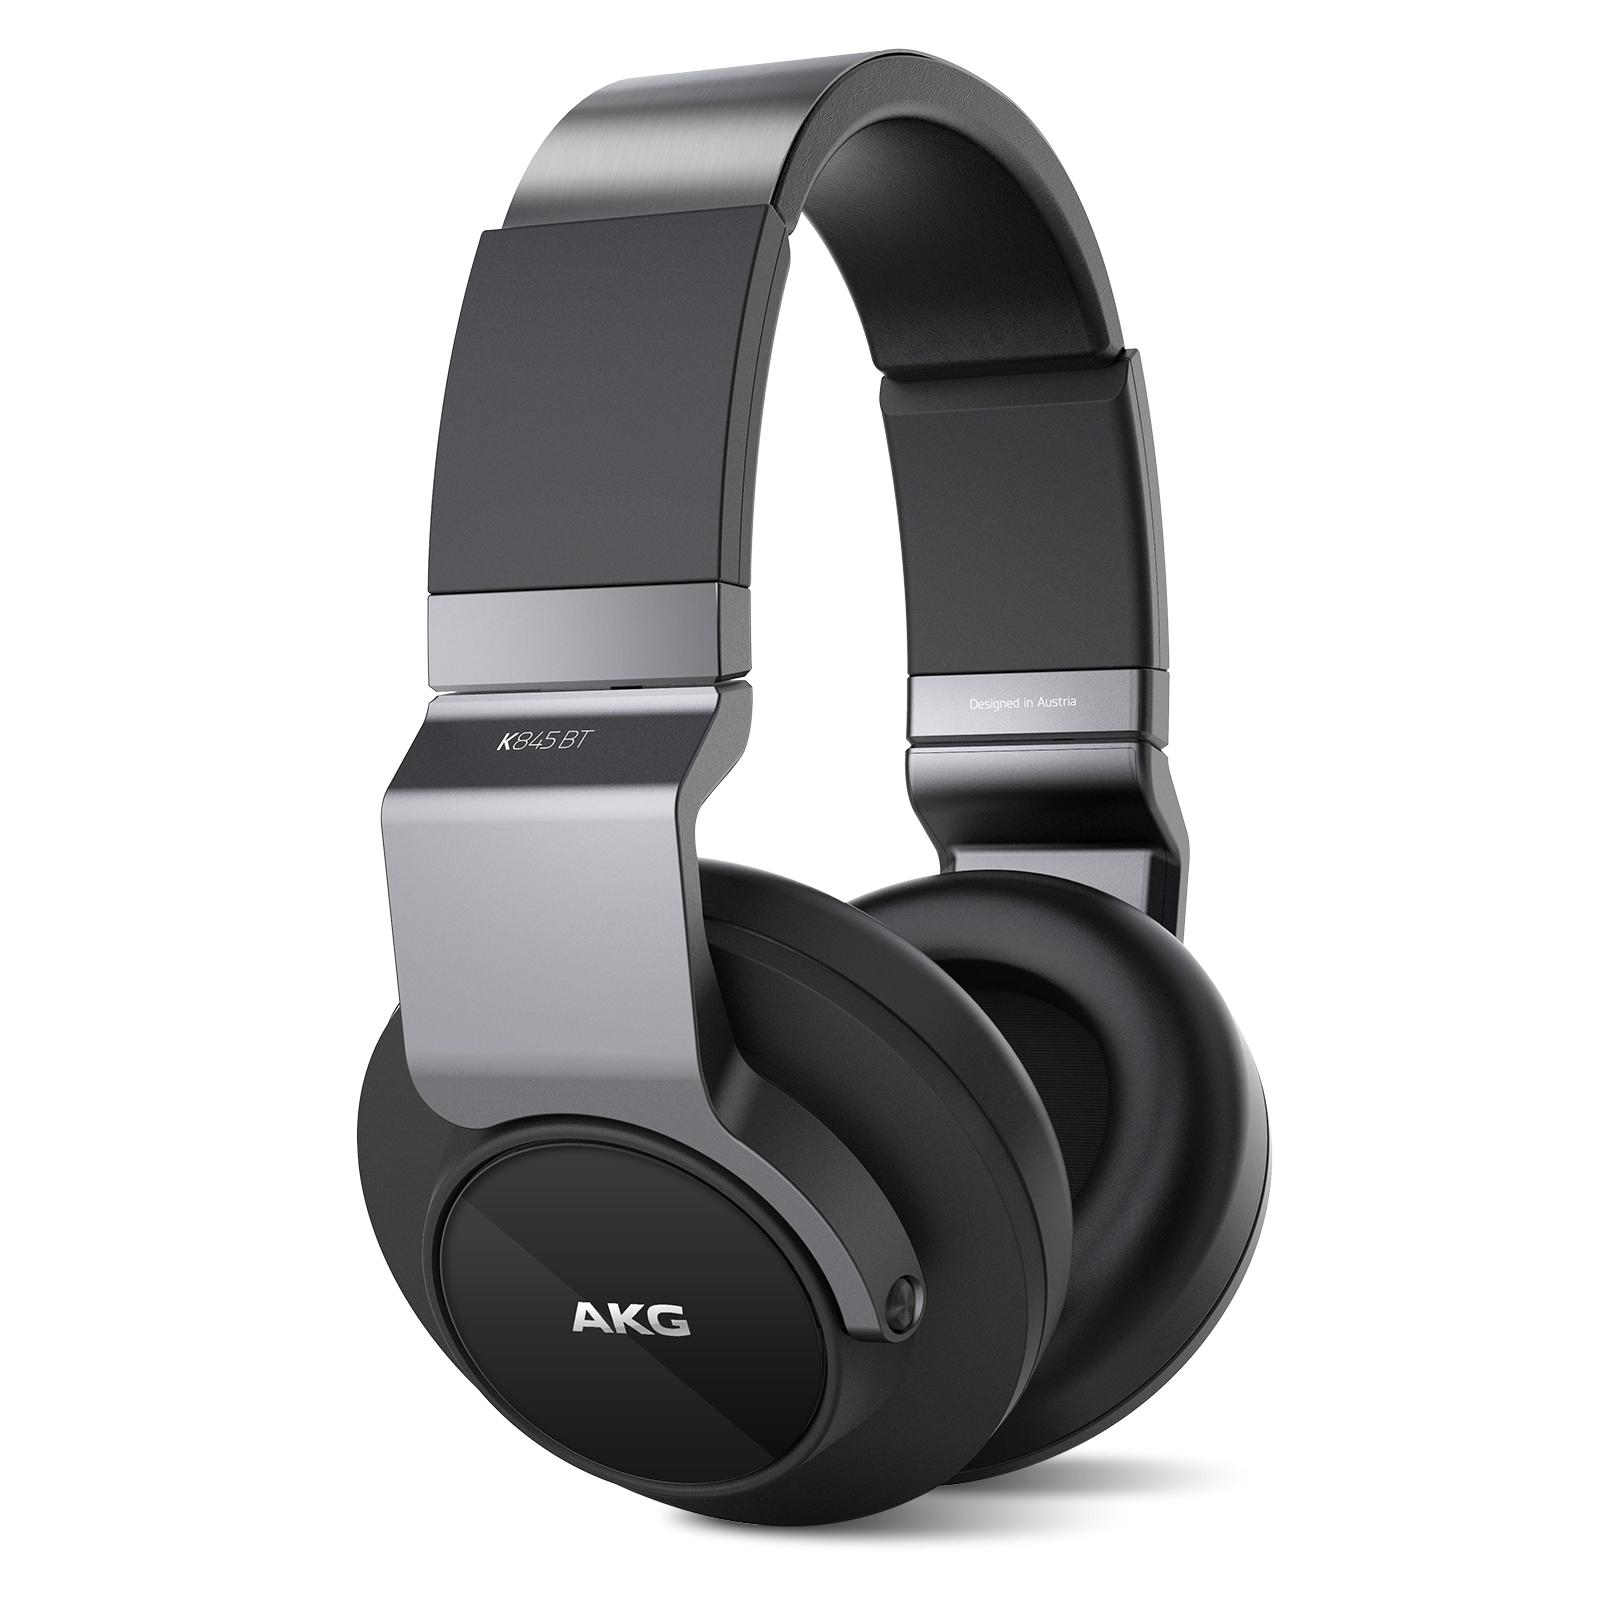 Casque Audio Fermé AKG K845 BT sans Fil et Pliable